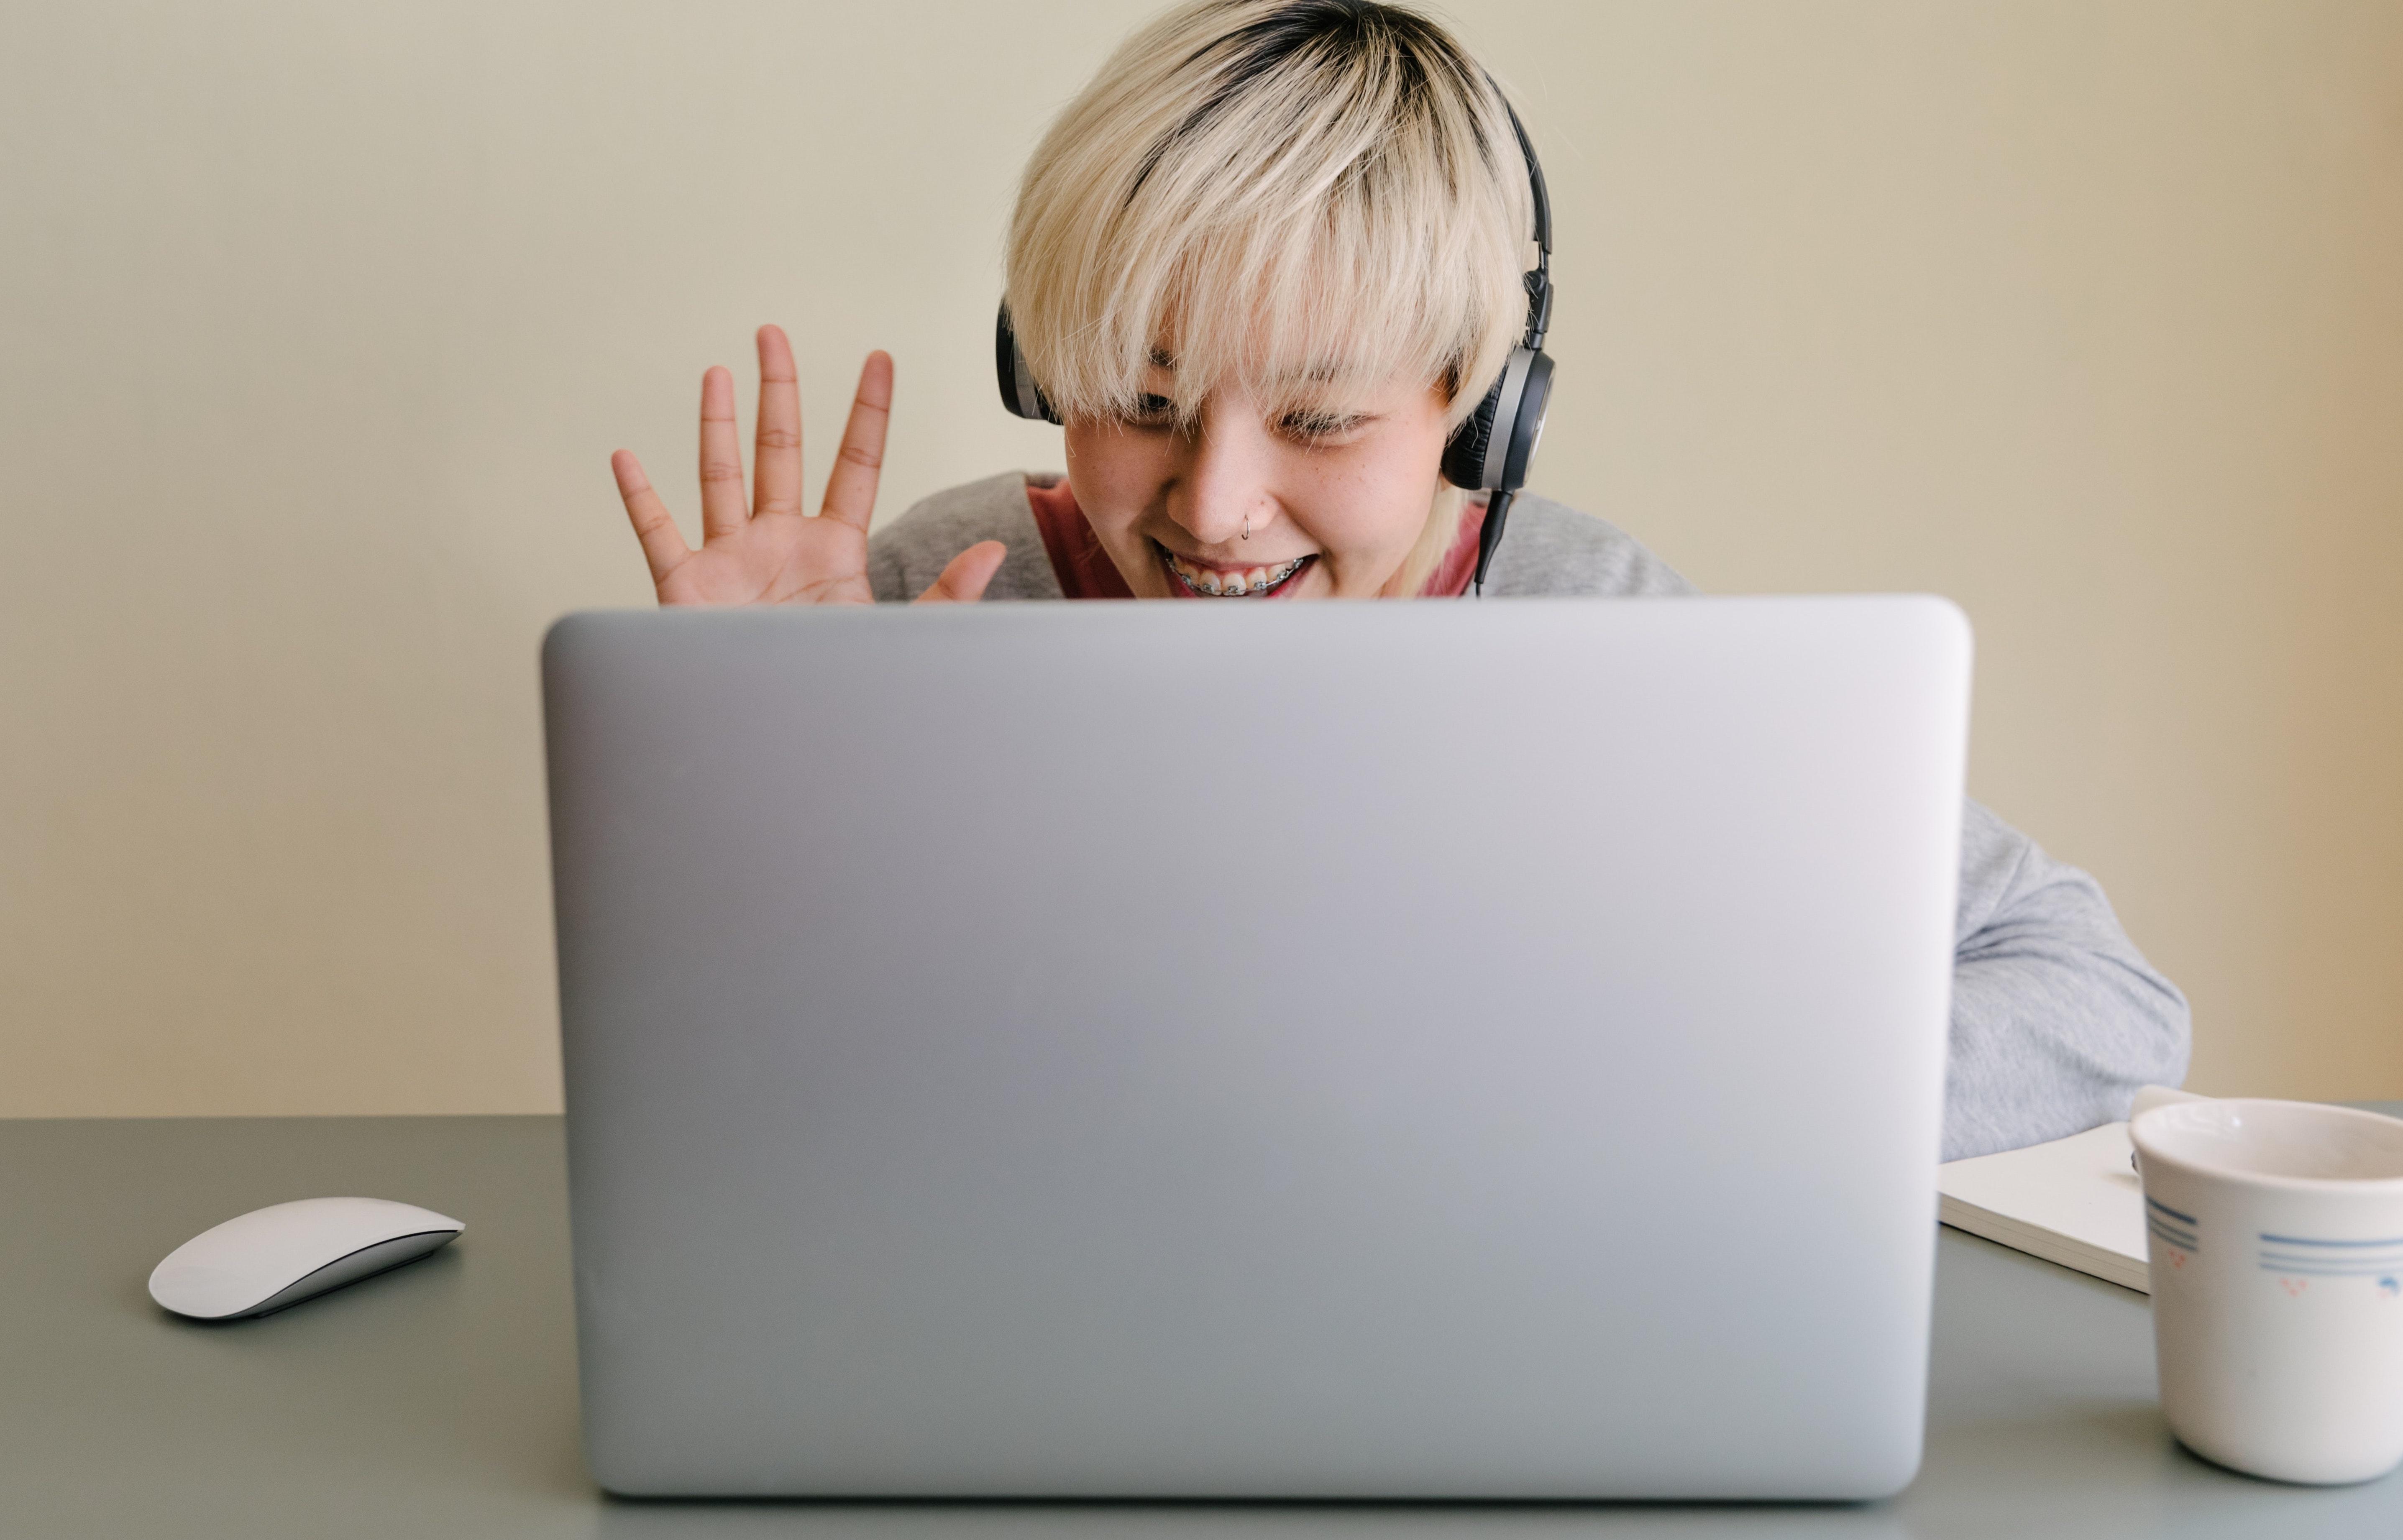 Waving at computer video call